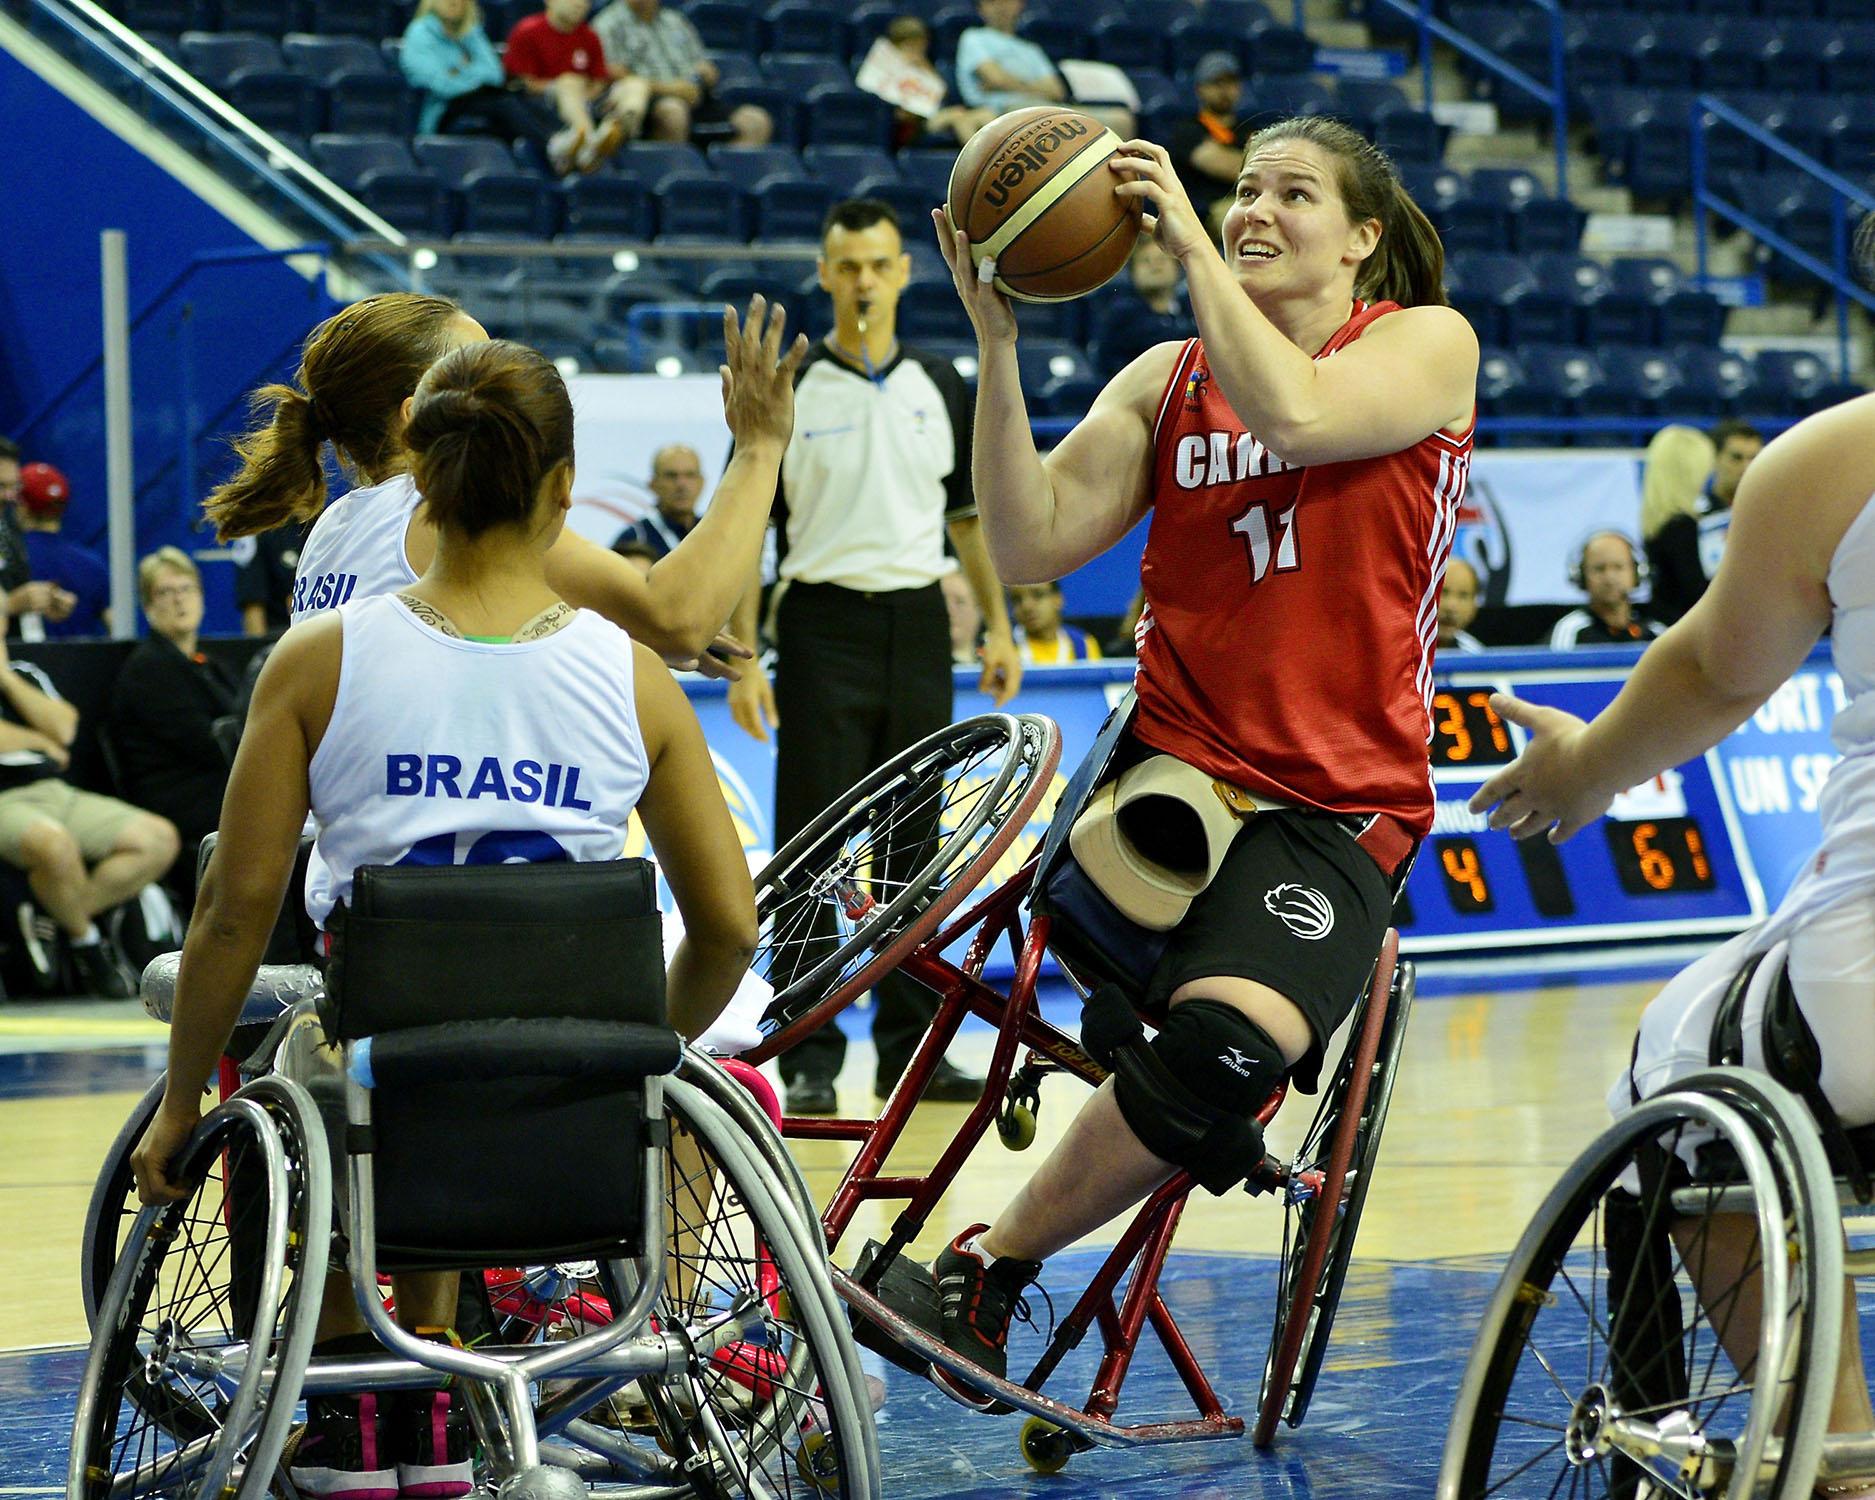 Conociendo un poco mas el basket en silla de ruedas bsr pivot world 9 - Deportes en silla de ruedas ...